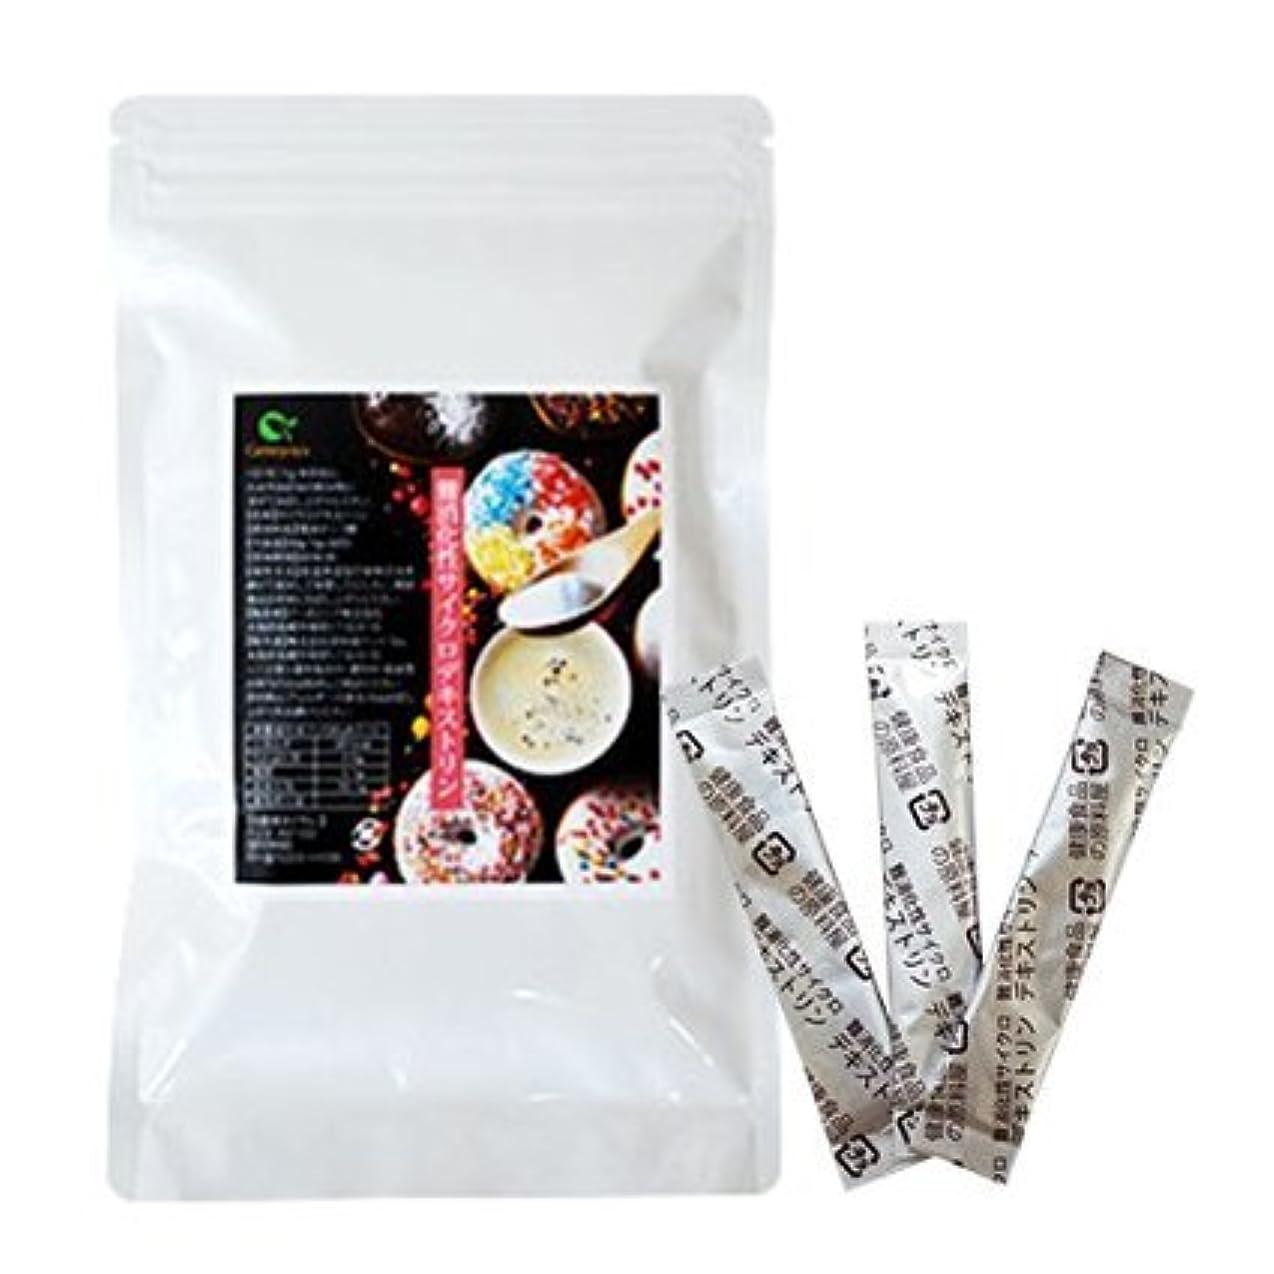 乳製品伝統的サドル北海道産 難消化性サイクロデキストリン 難消化性デキストリン個包装 (1g?30包)